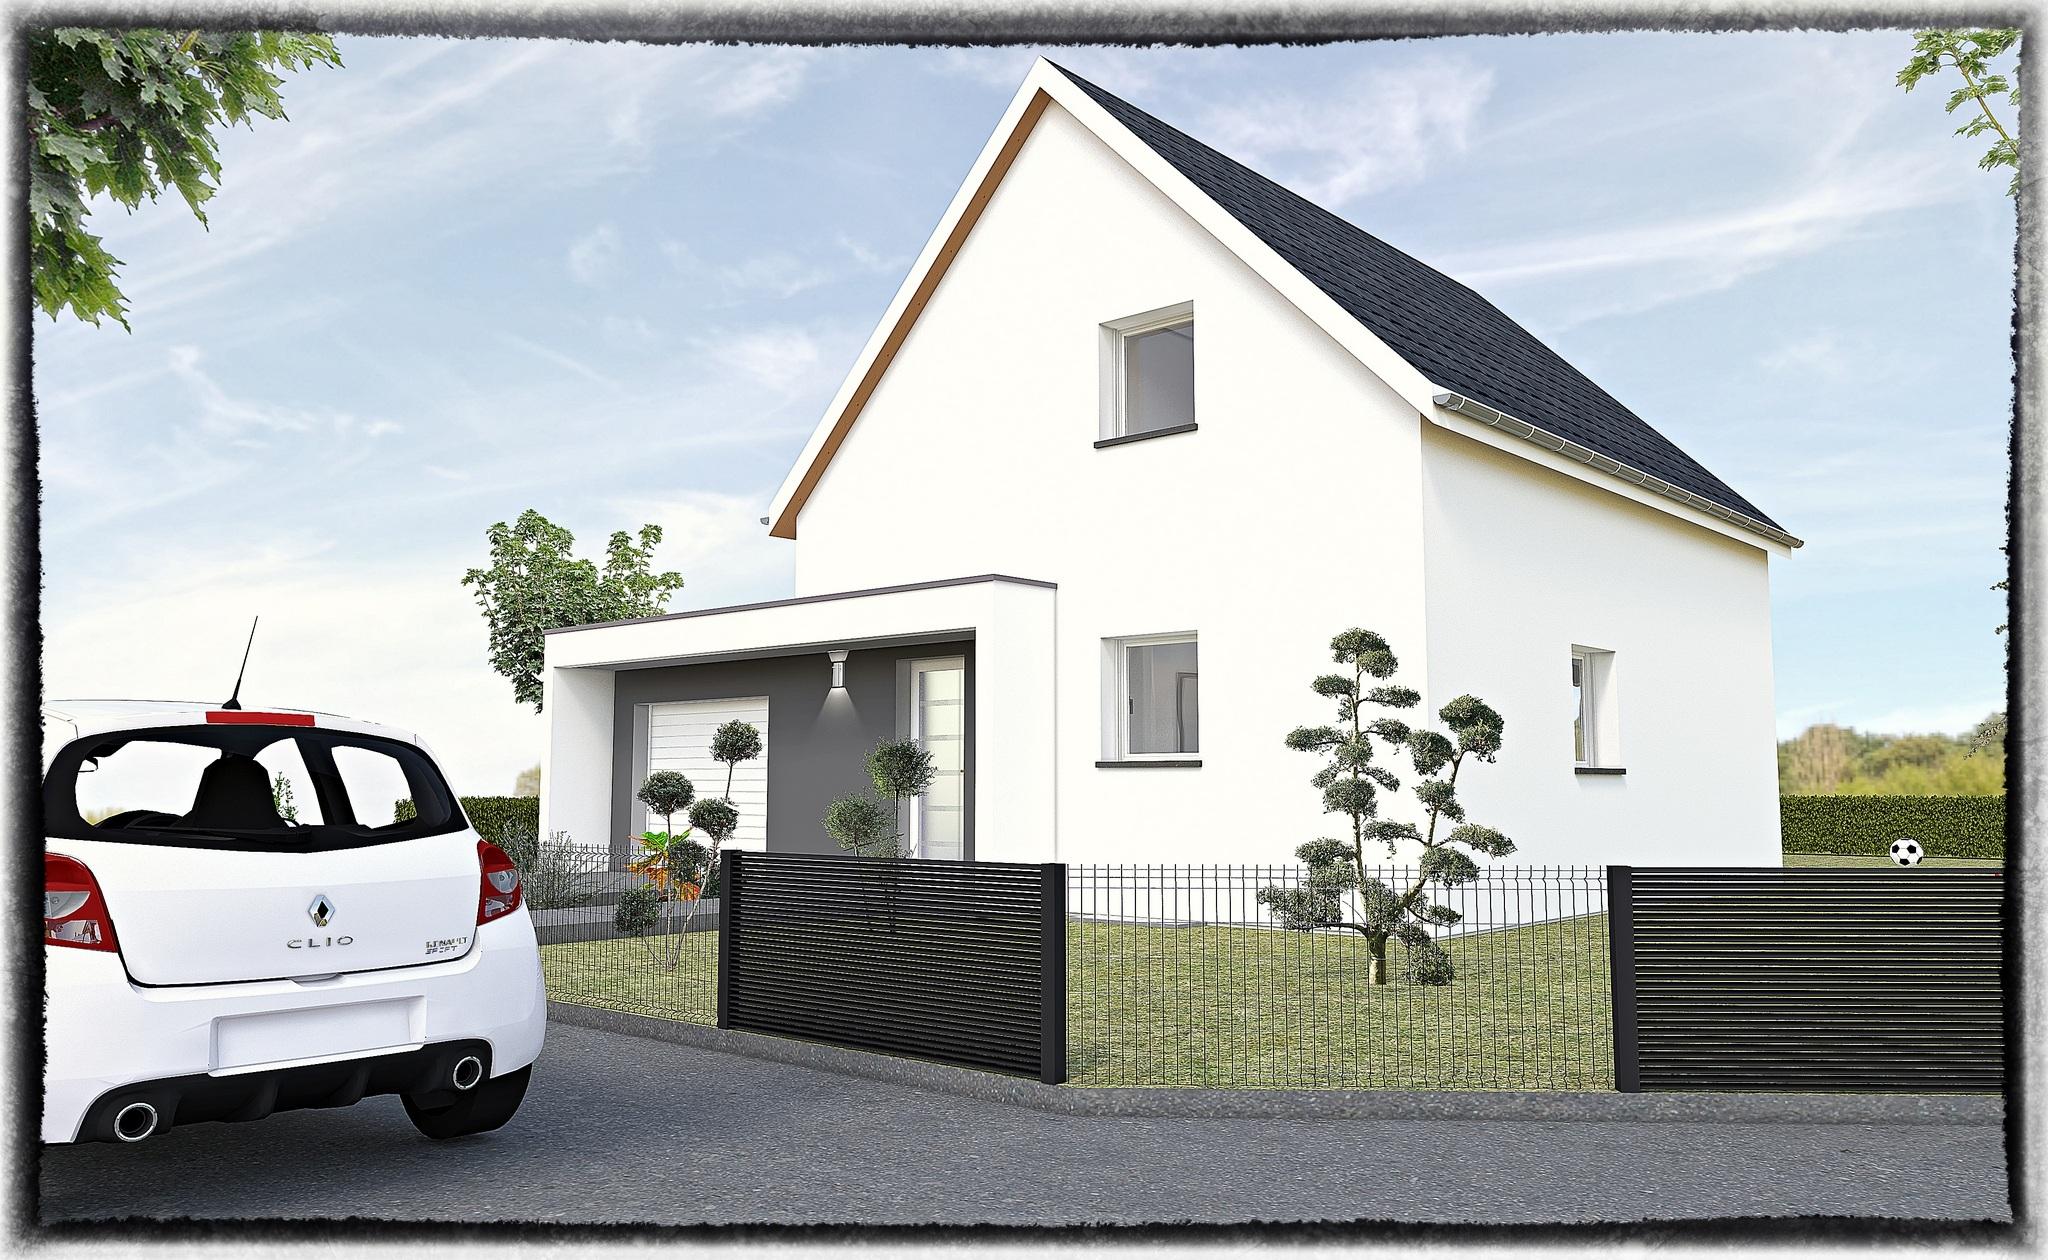 Maisons + Terrains du constructeur MAISONS CRISALIS • 100 m² • BAVILLIERS